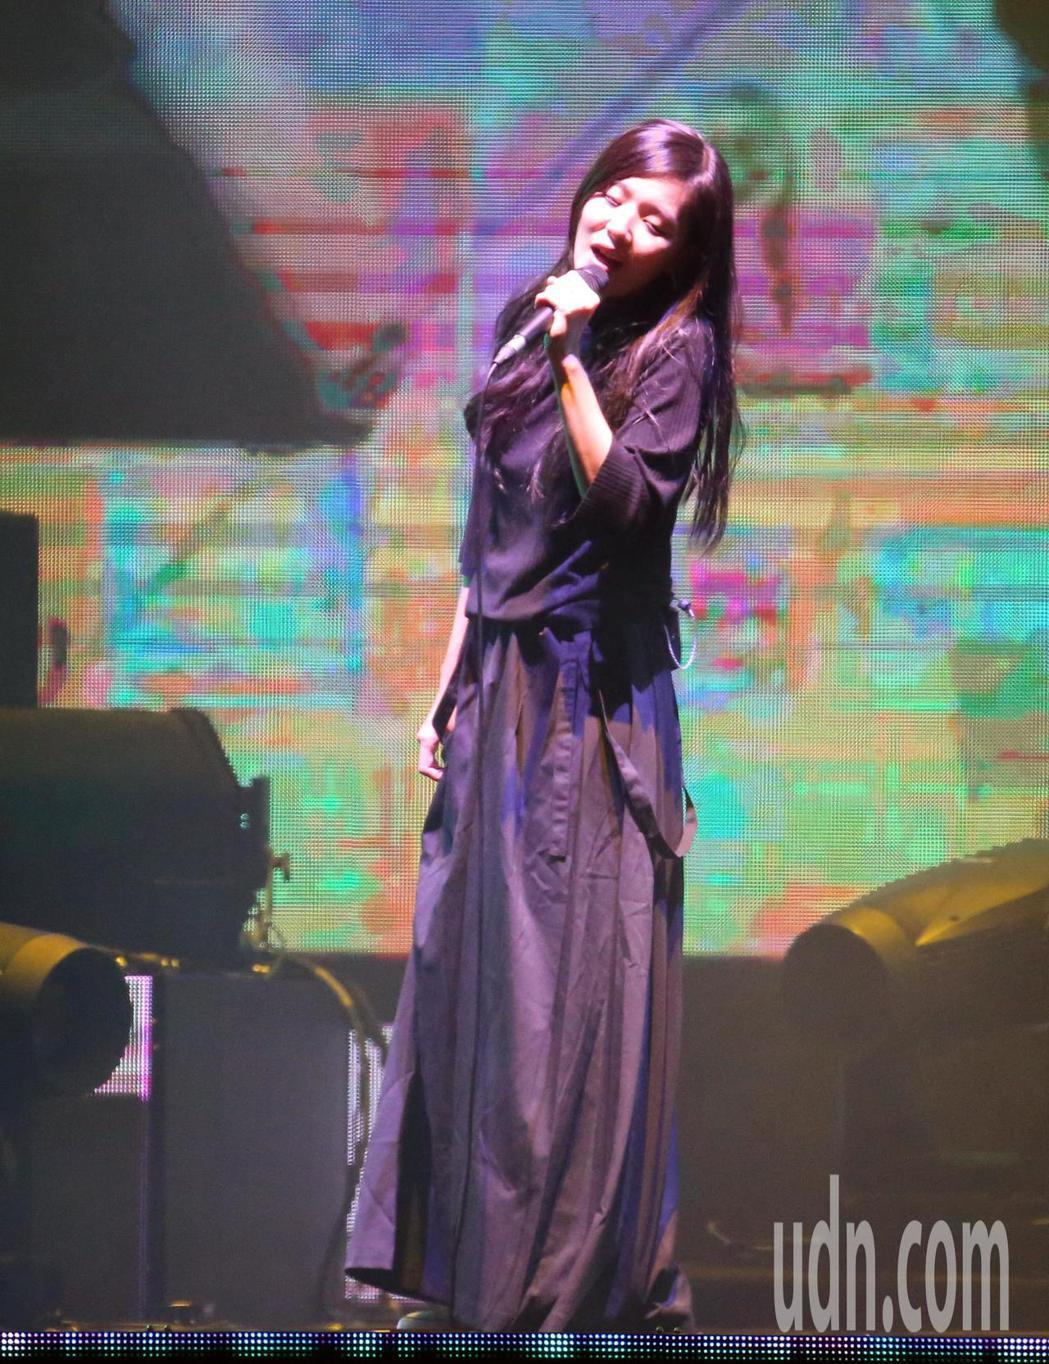 創作歌手安溥(張懸)晚間在台北小巨蛋舉辦「煉雲」演唱會,改編演唱22首台、港、中